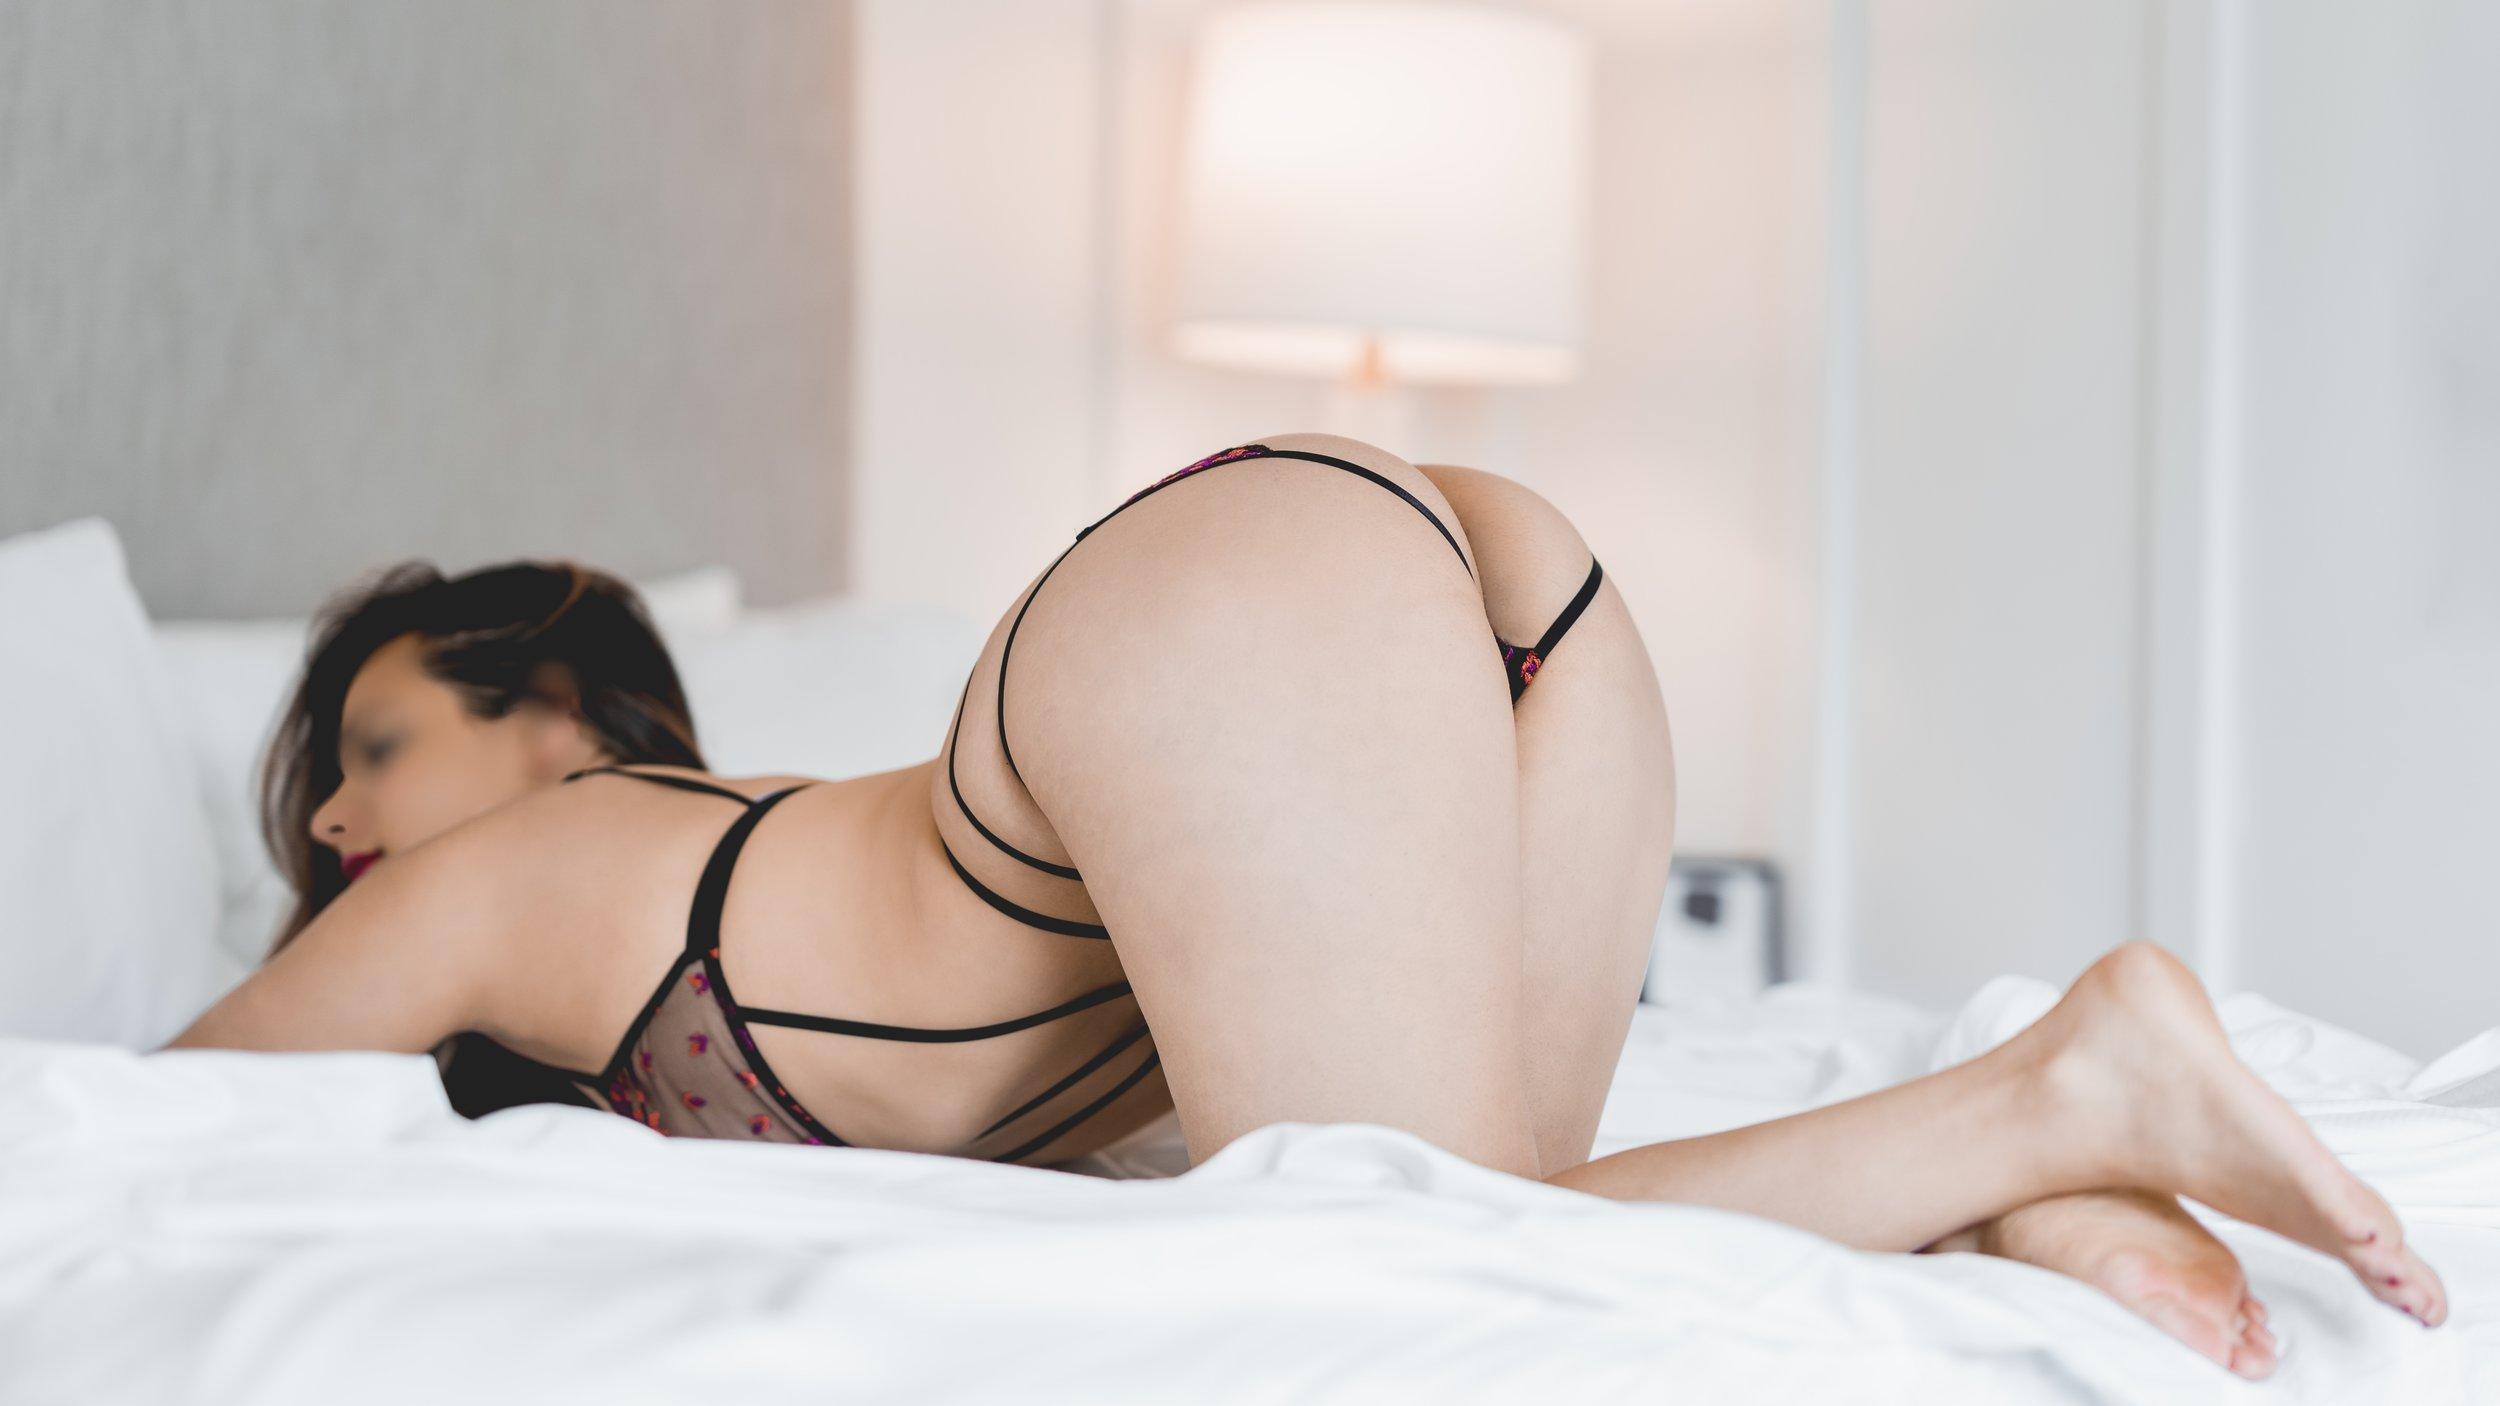 new butt justin.jpeg